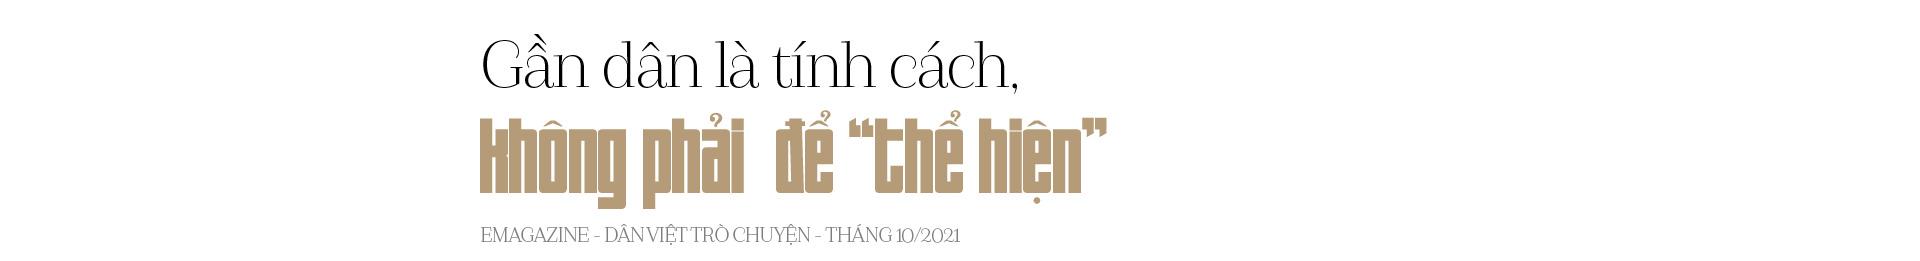 Bác sĩ Trần Duy Hưng – thị trưởng Hà Nội đầu tiên và lâu năm nhất - Ảnh 12.